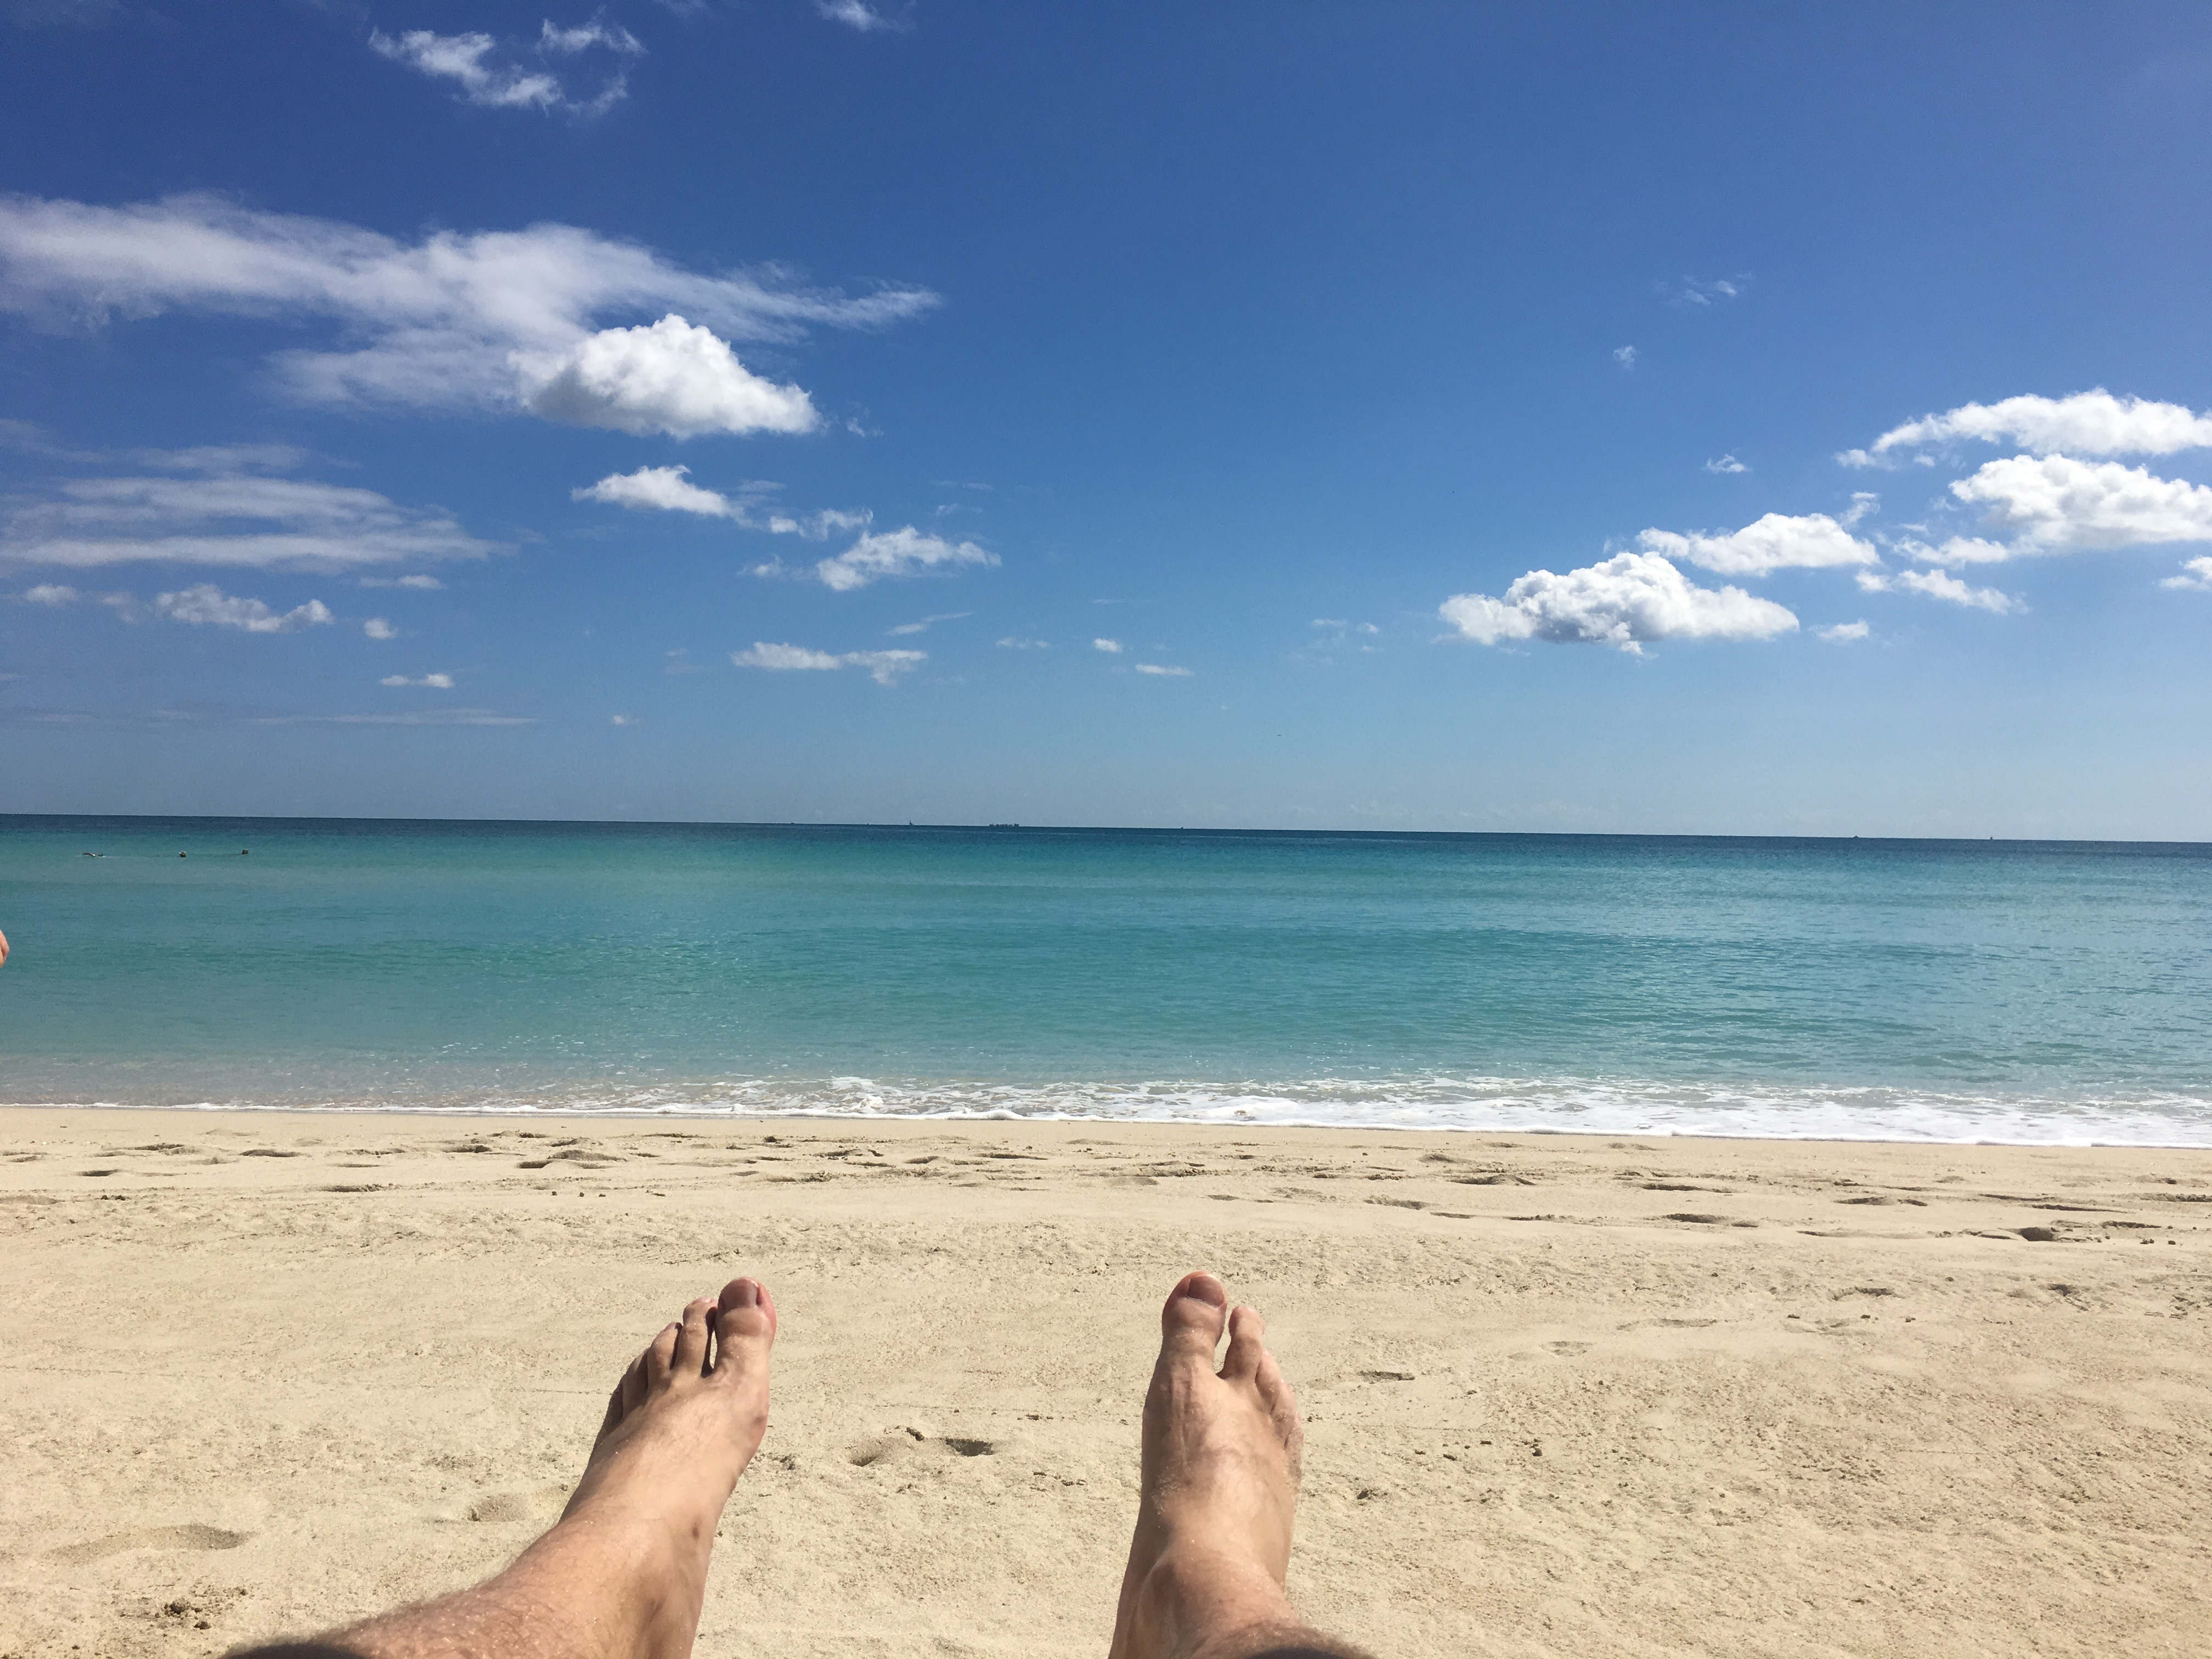 Miami South Beach - Renato Mitra